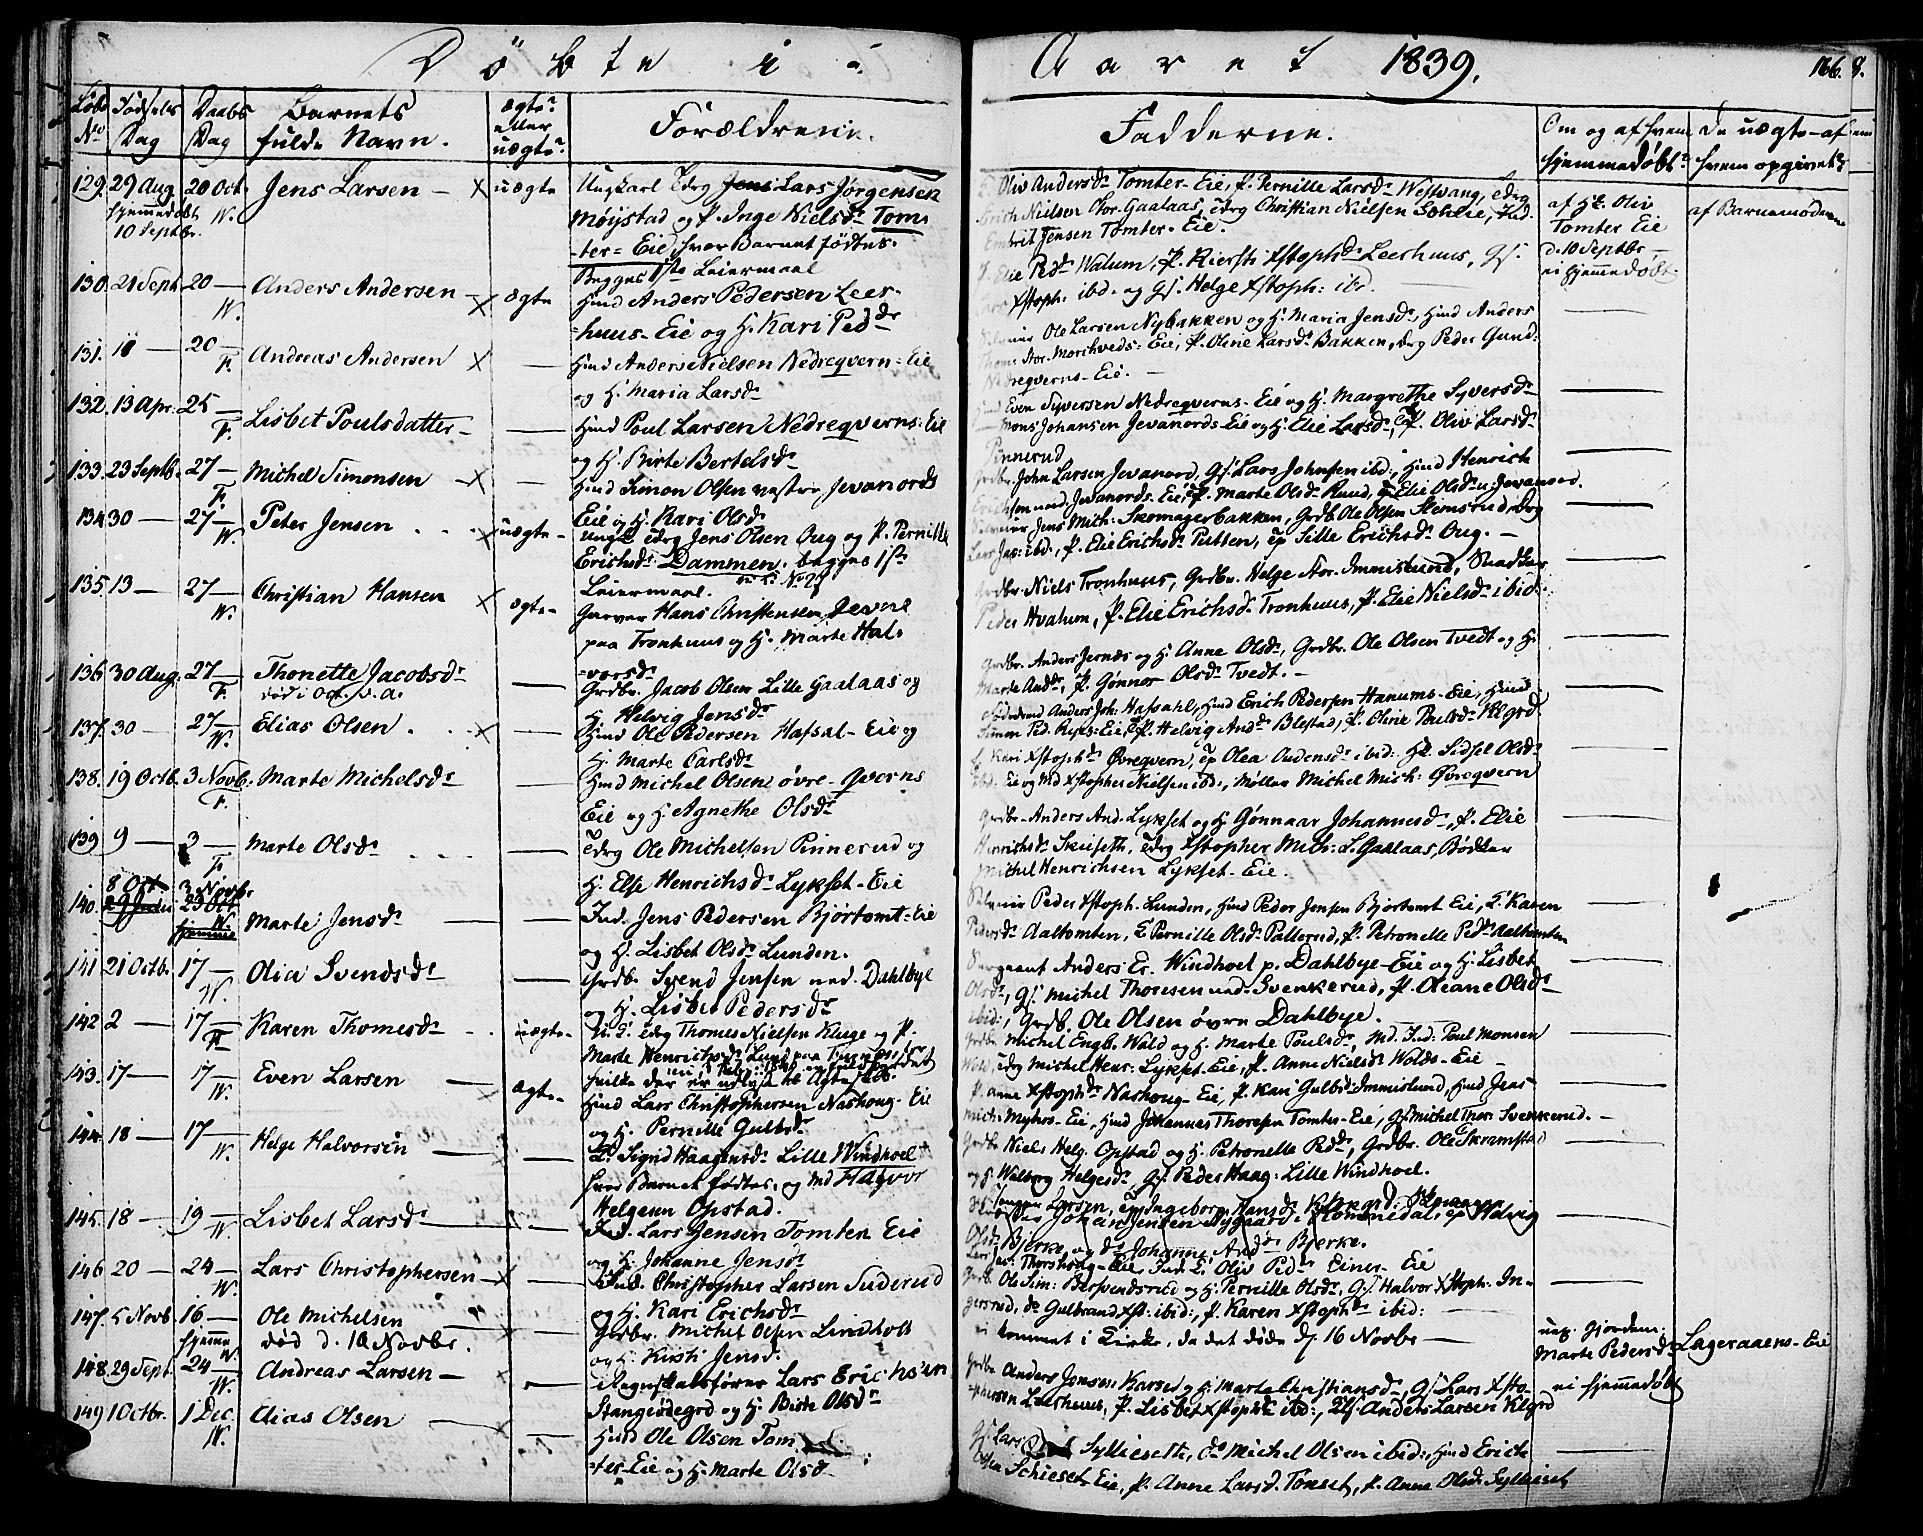 SAH, Vang prestekontor, Hedmark, H/Ha/Haa/L0009: Ministerialbok nr. 9, 1826-1841, s. 166